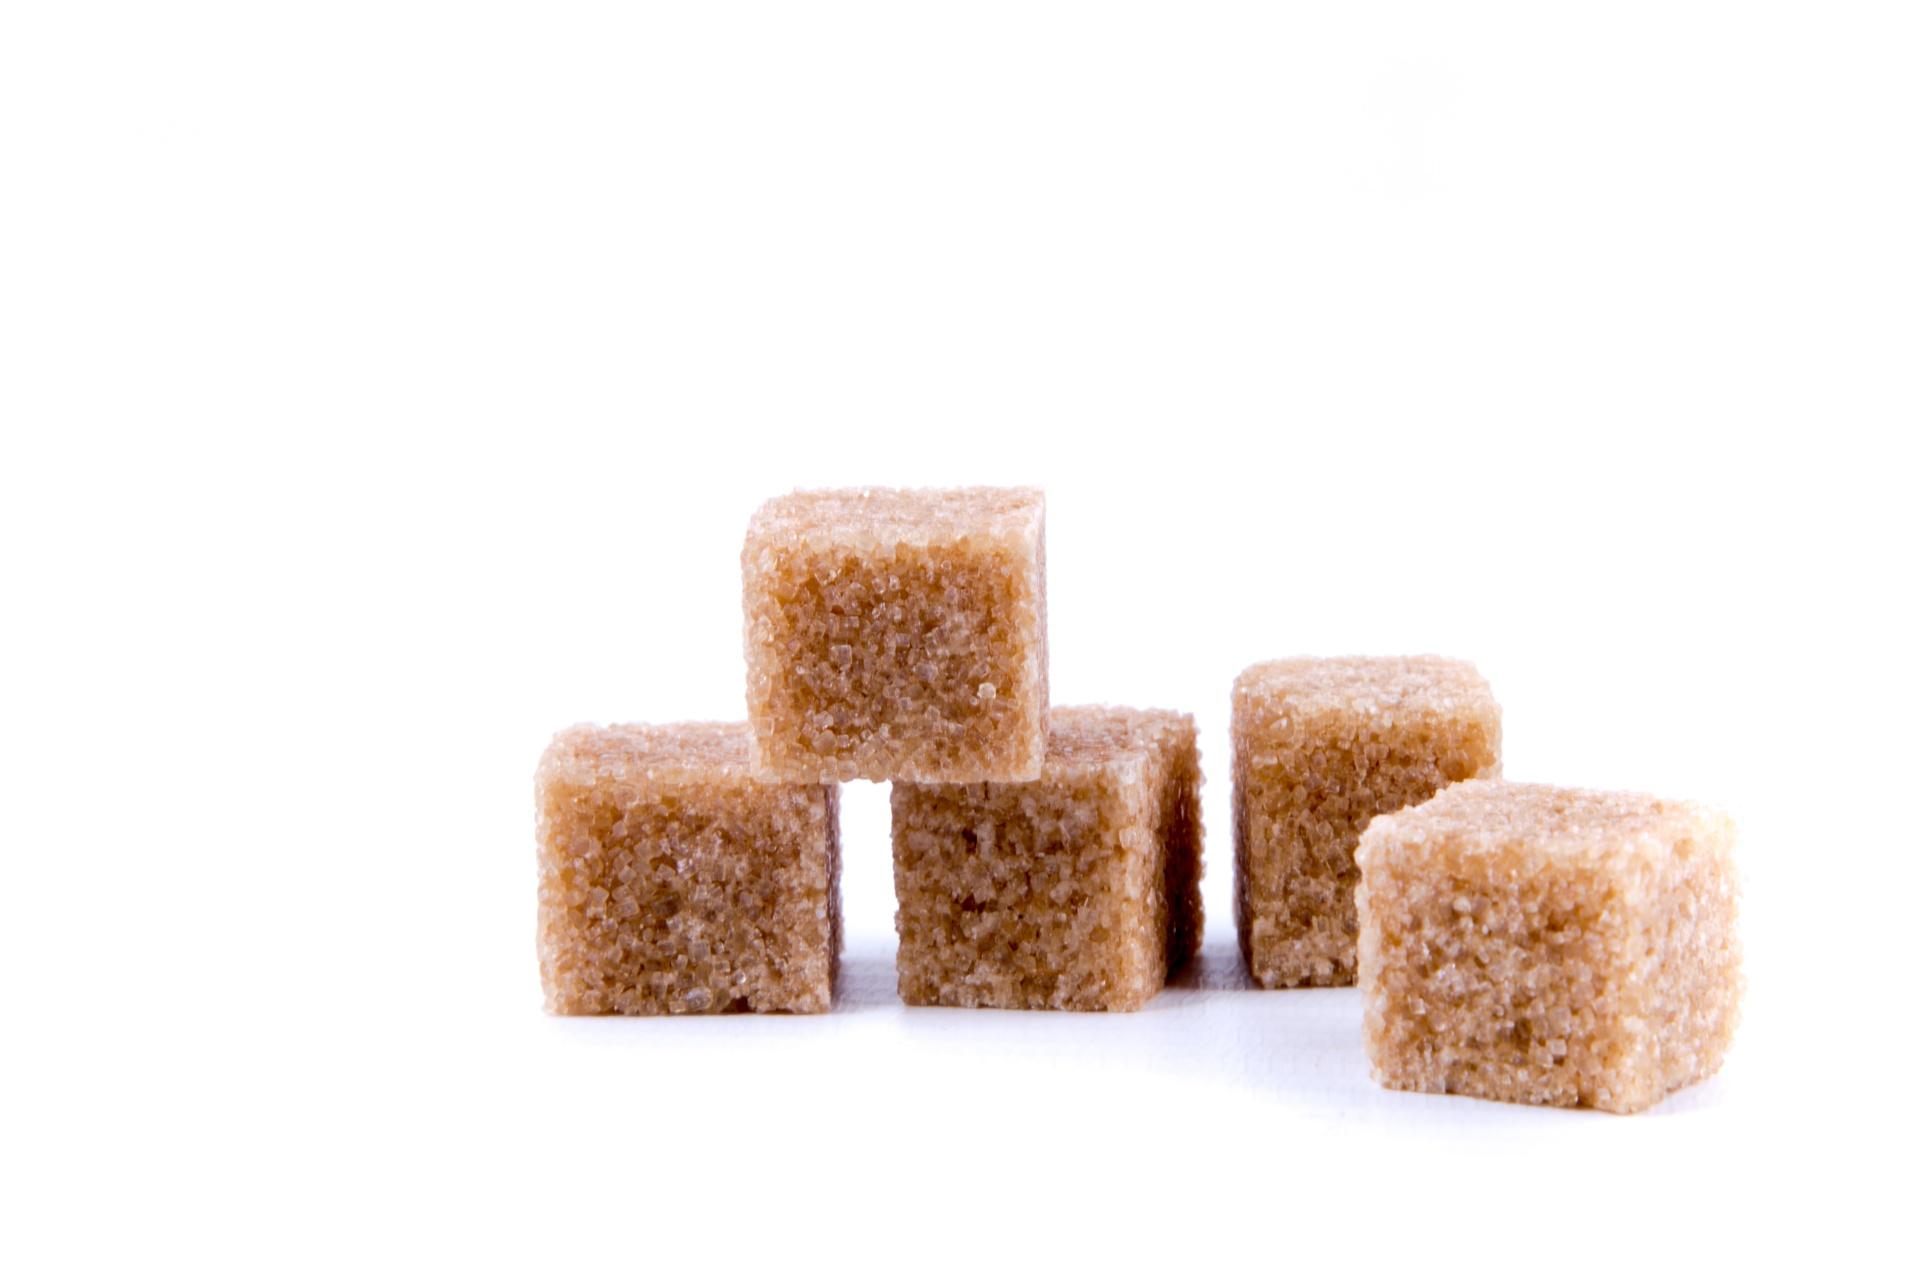 brown-cane-sugar-cubes-1462969684APB